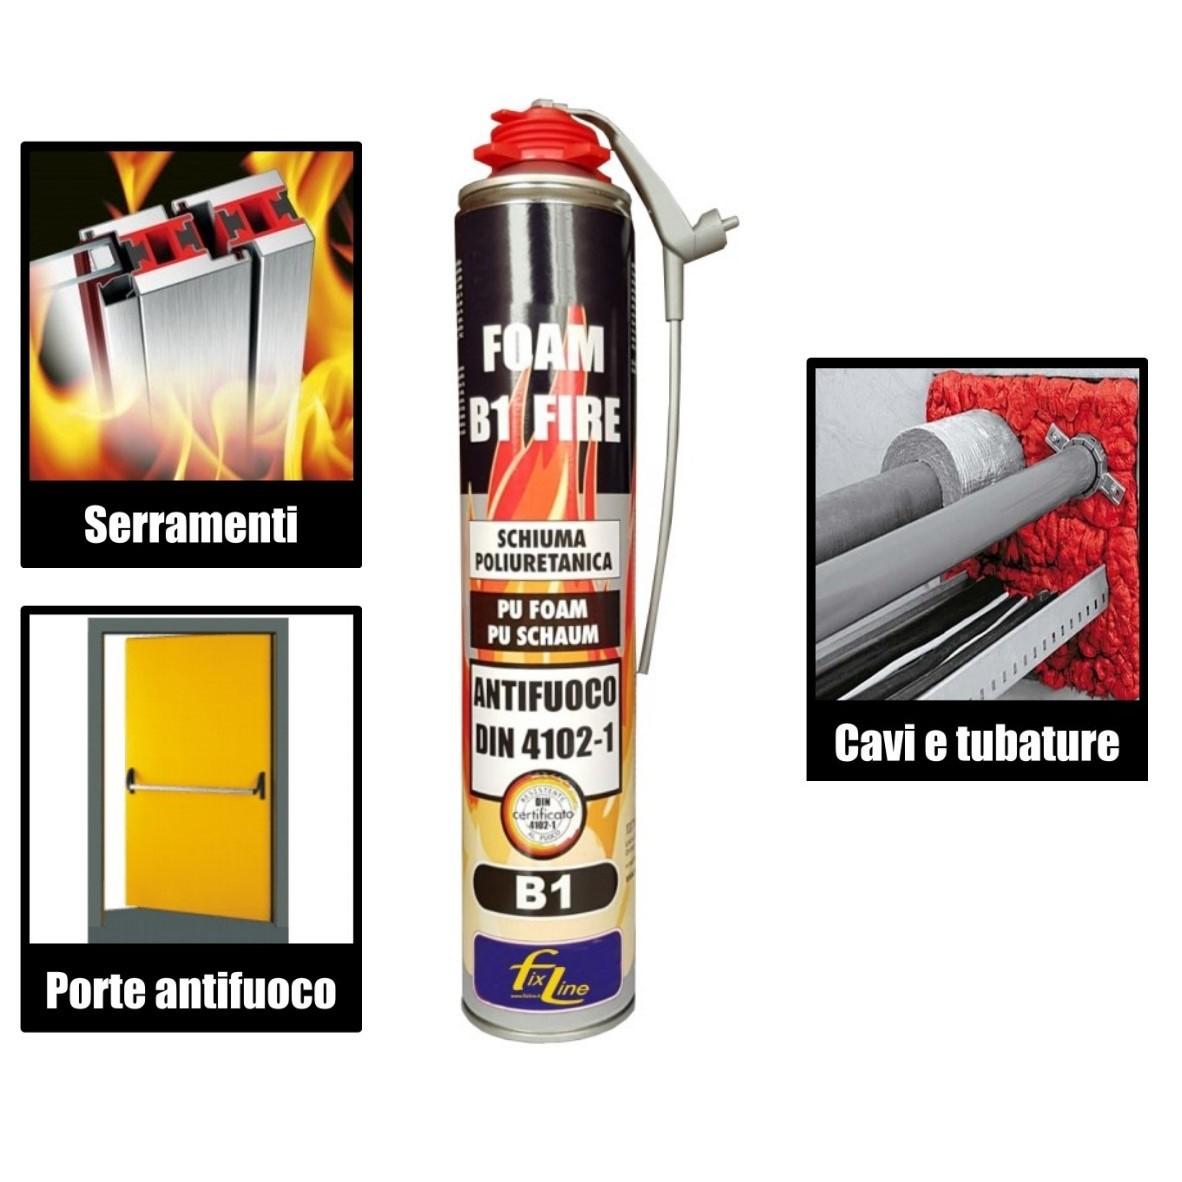 Schiuma poliuretanica per fuoco